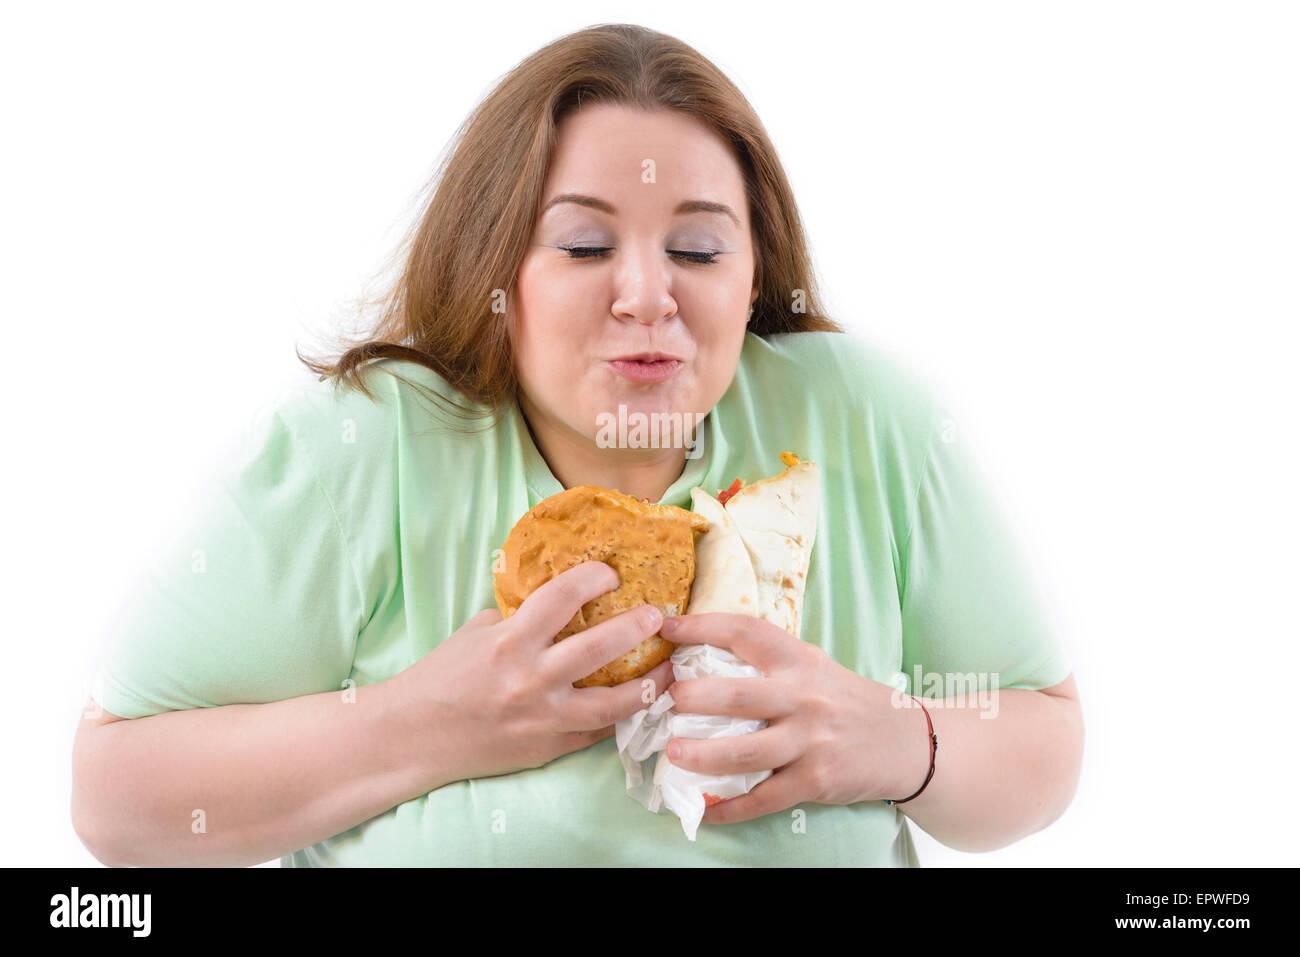 Korpulente Frau, die sucht nach ungesund essen. Glücklich halten einige Kalorien essen. Stockbild